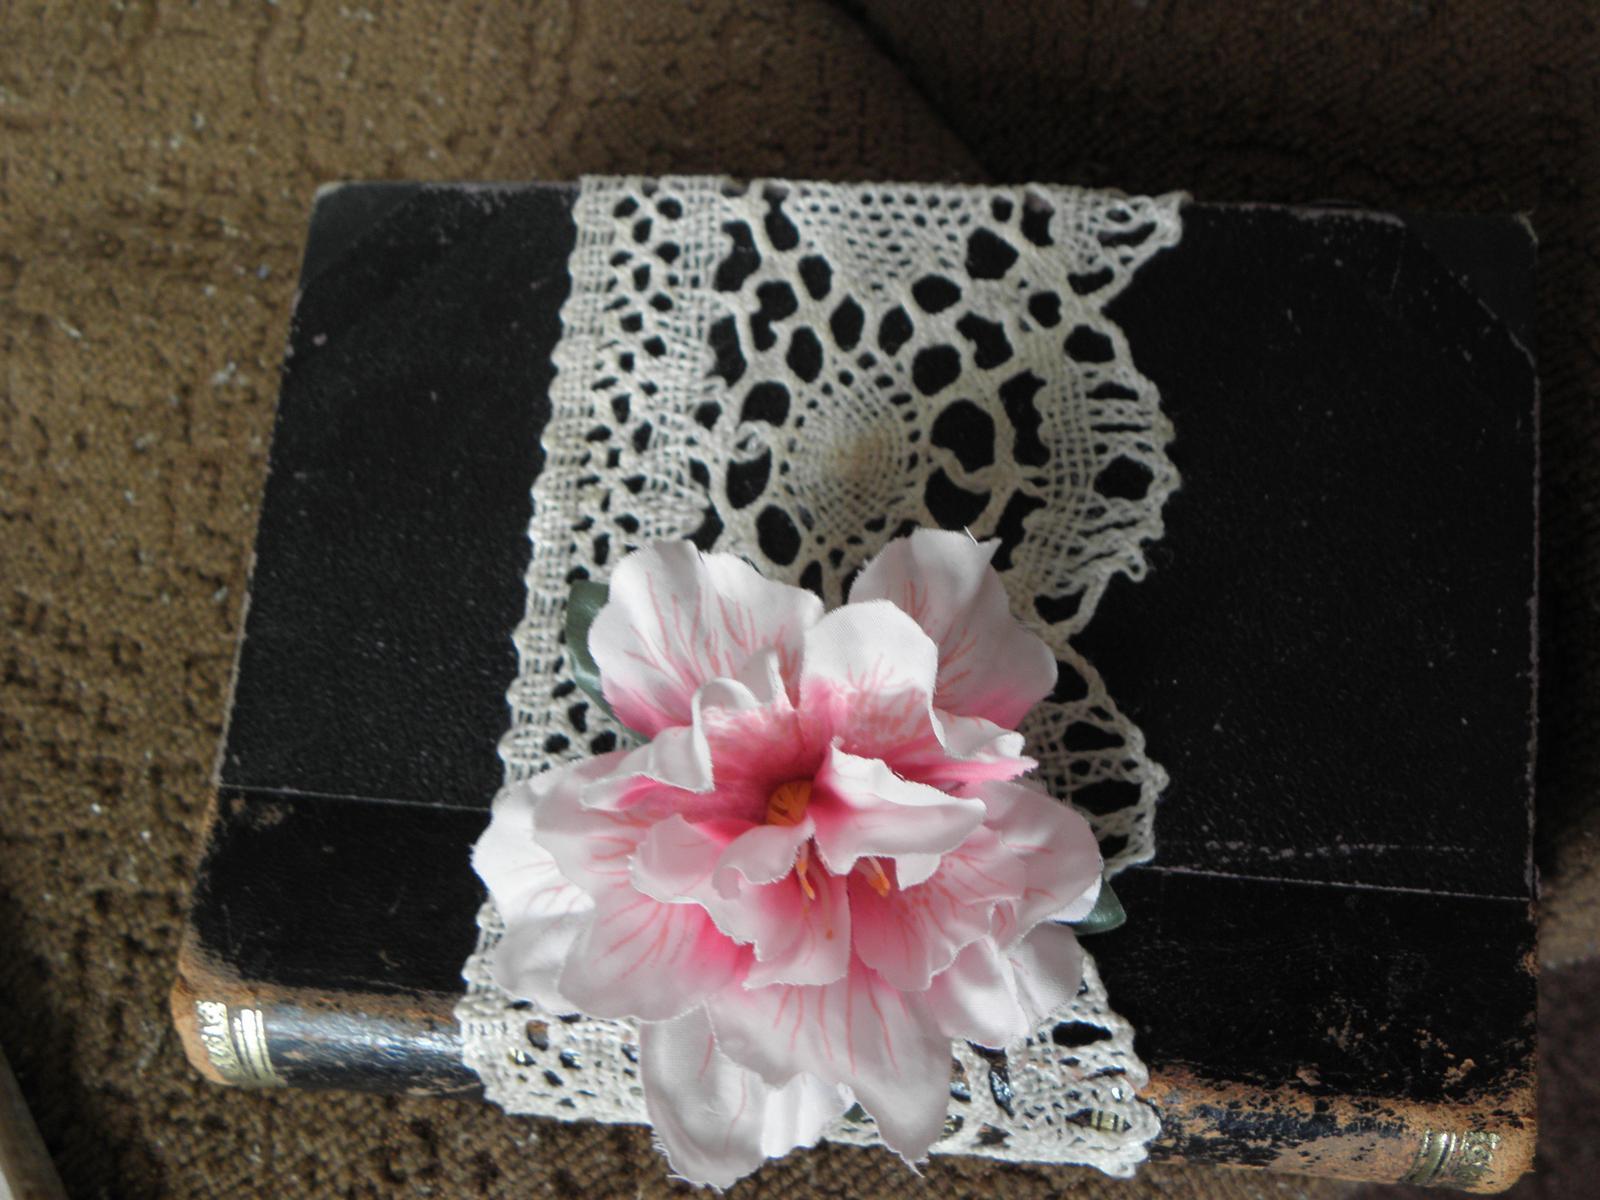 Selská svatba + Má tvorba - Tady moje knížka pod prstýnky.. Ještě je potřeba dodat úzkou krajku a barevnou stužku pod kytičku.. :)